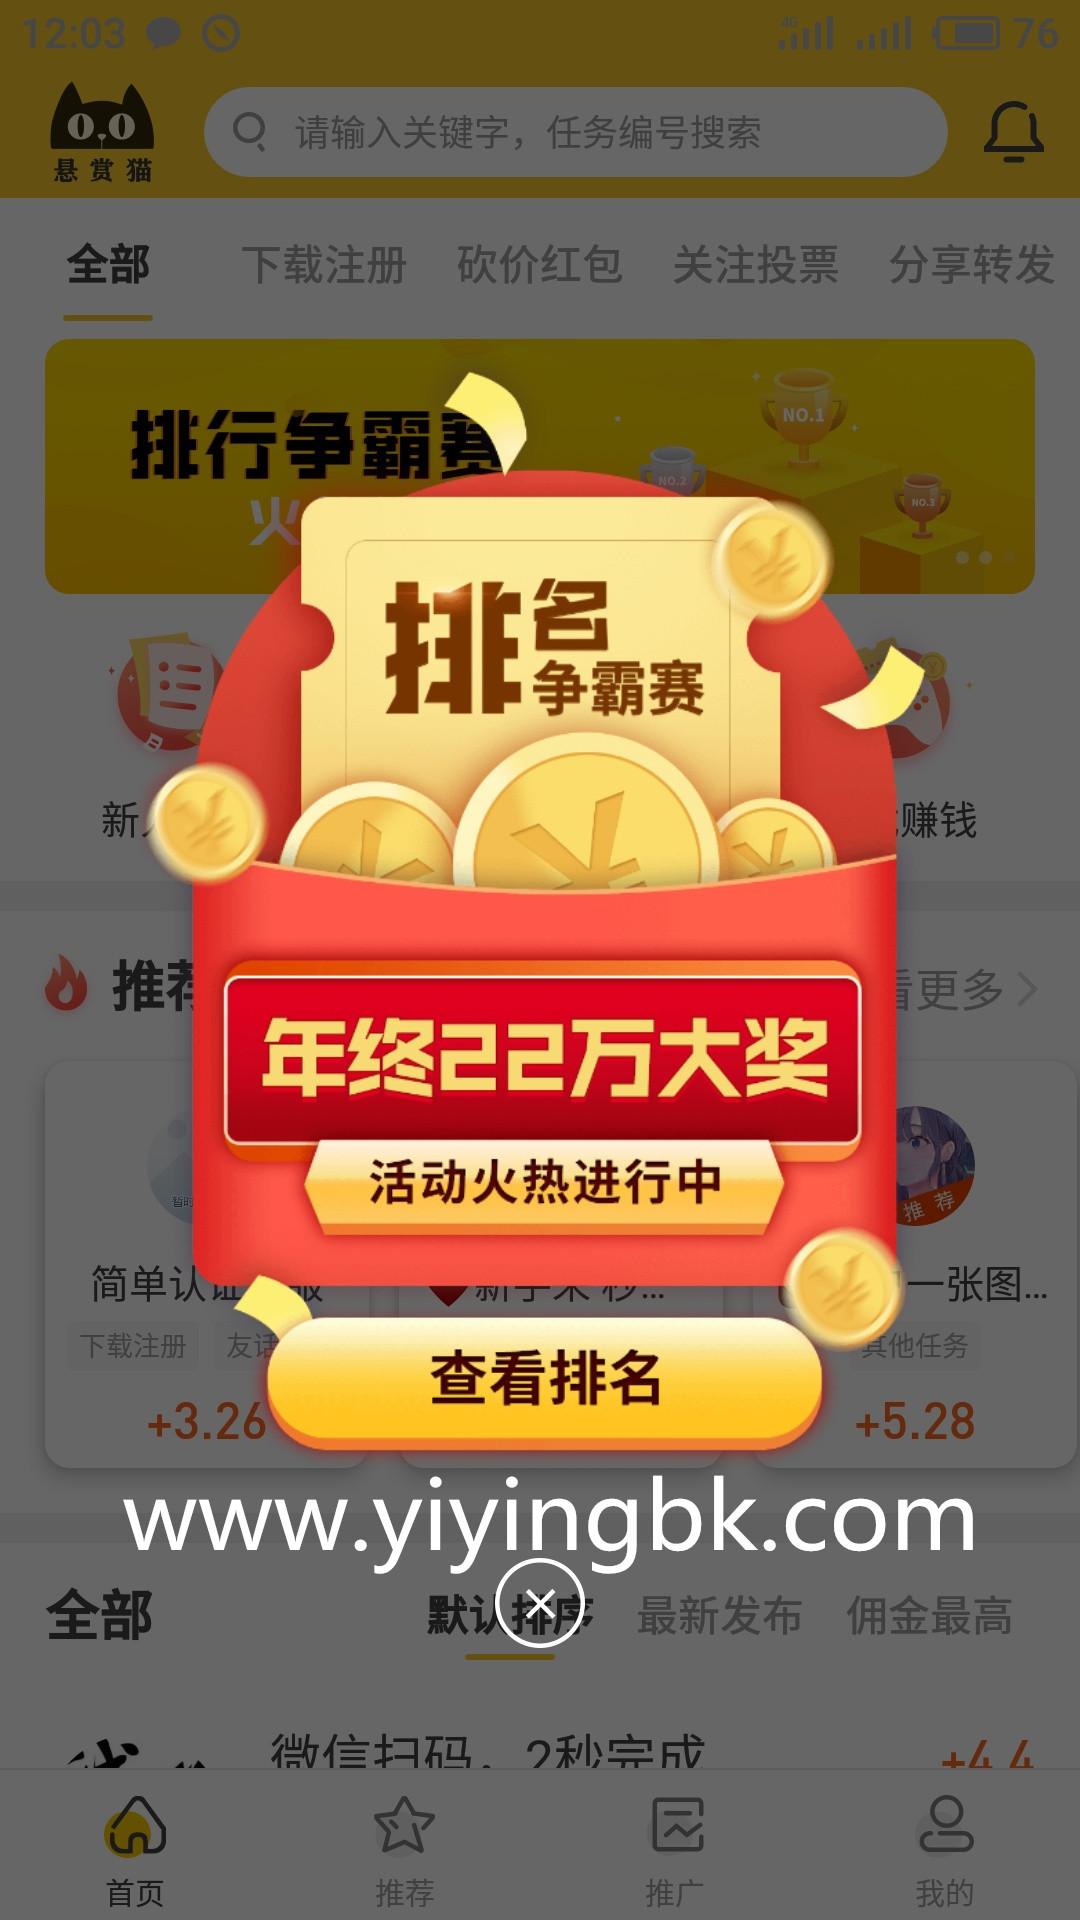 年终22万大奖,微信支付宝提现秒到账,www.yiyingbk.com